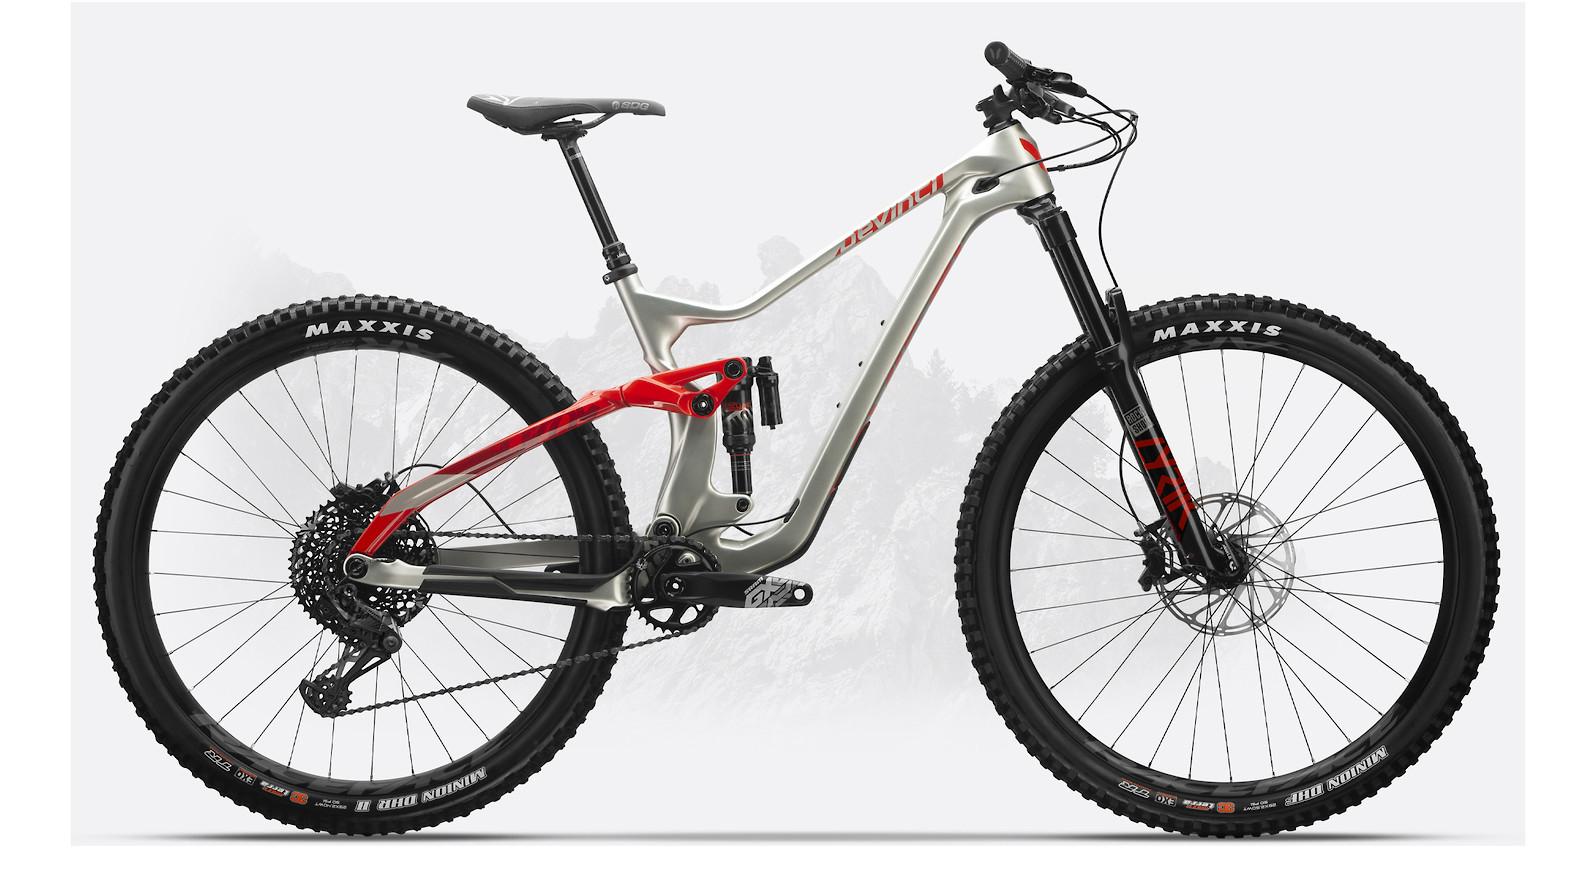 2020 Devinci Troy Carbon 29 X01 LTD